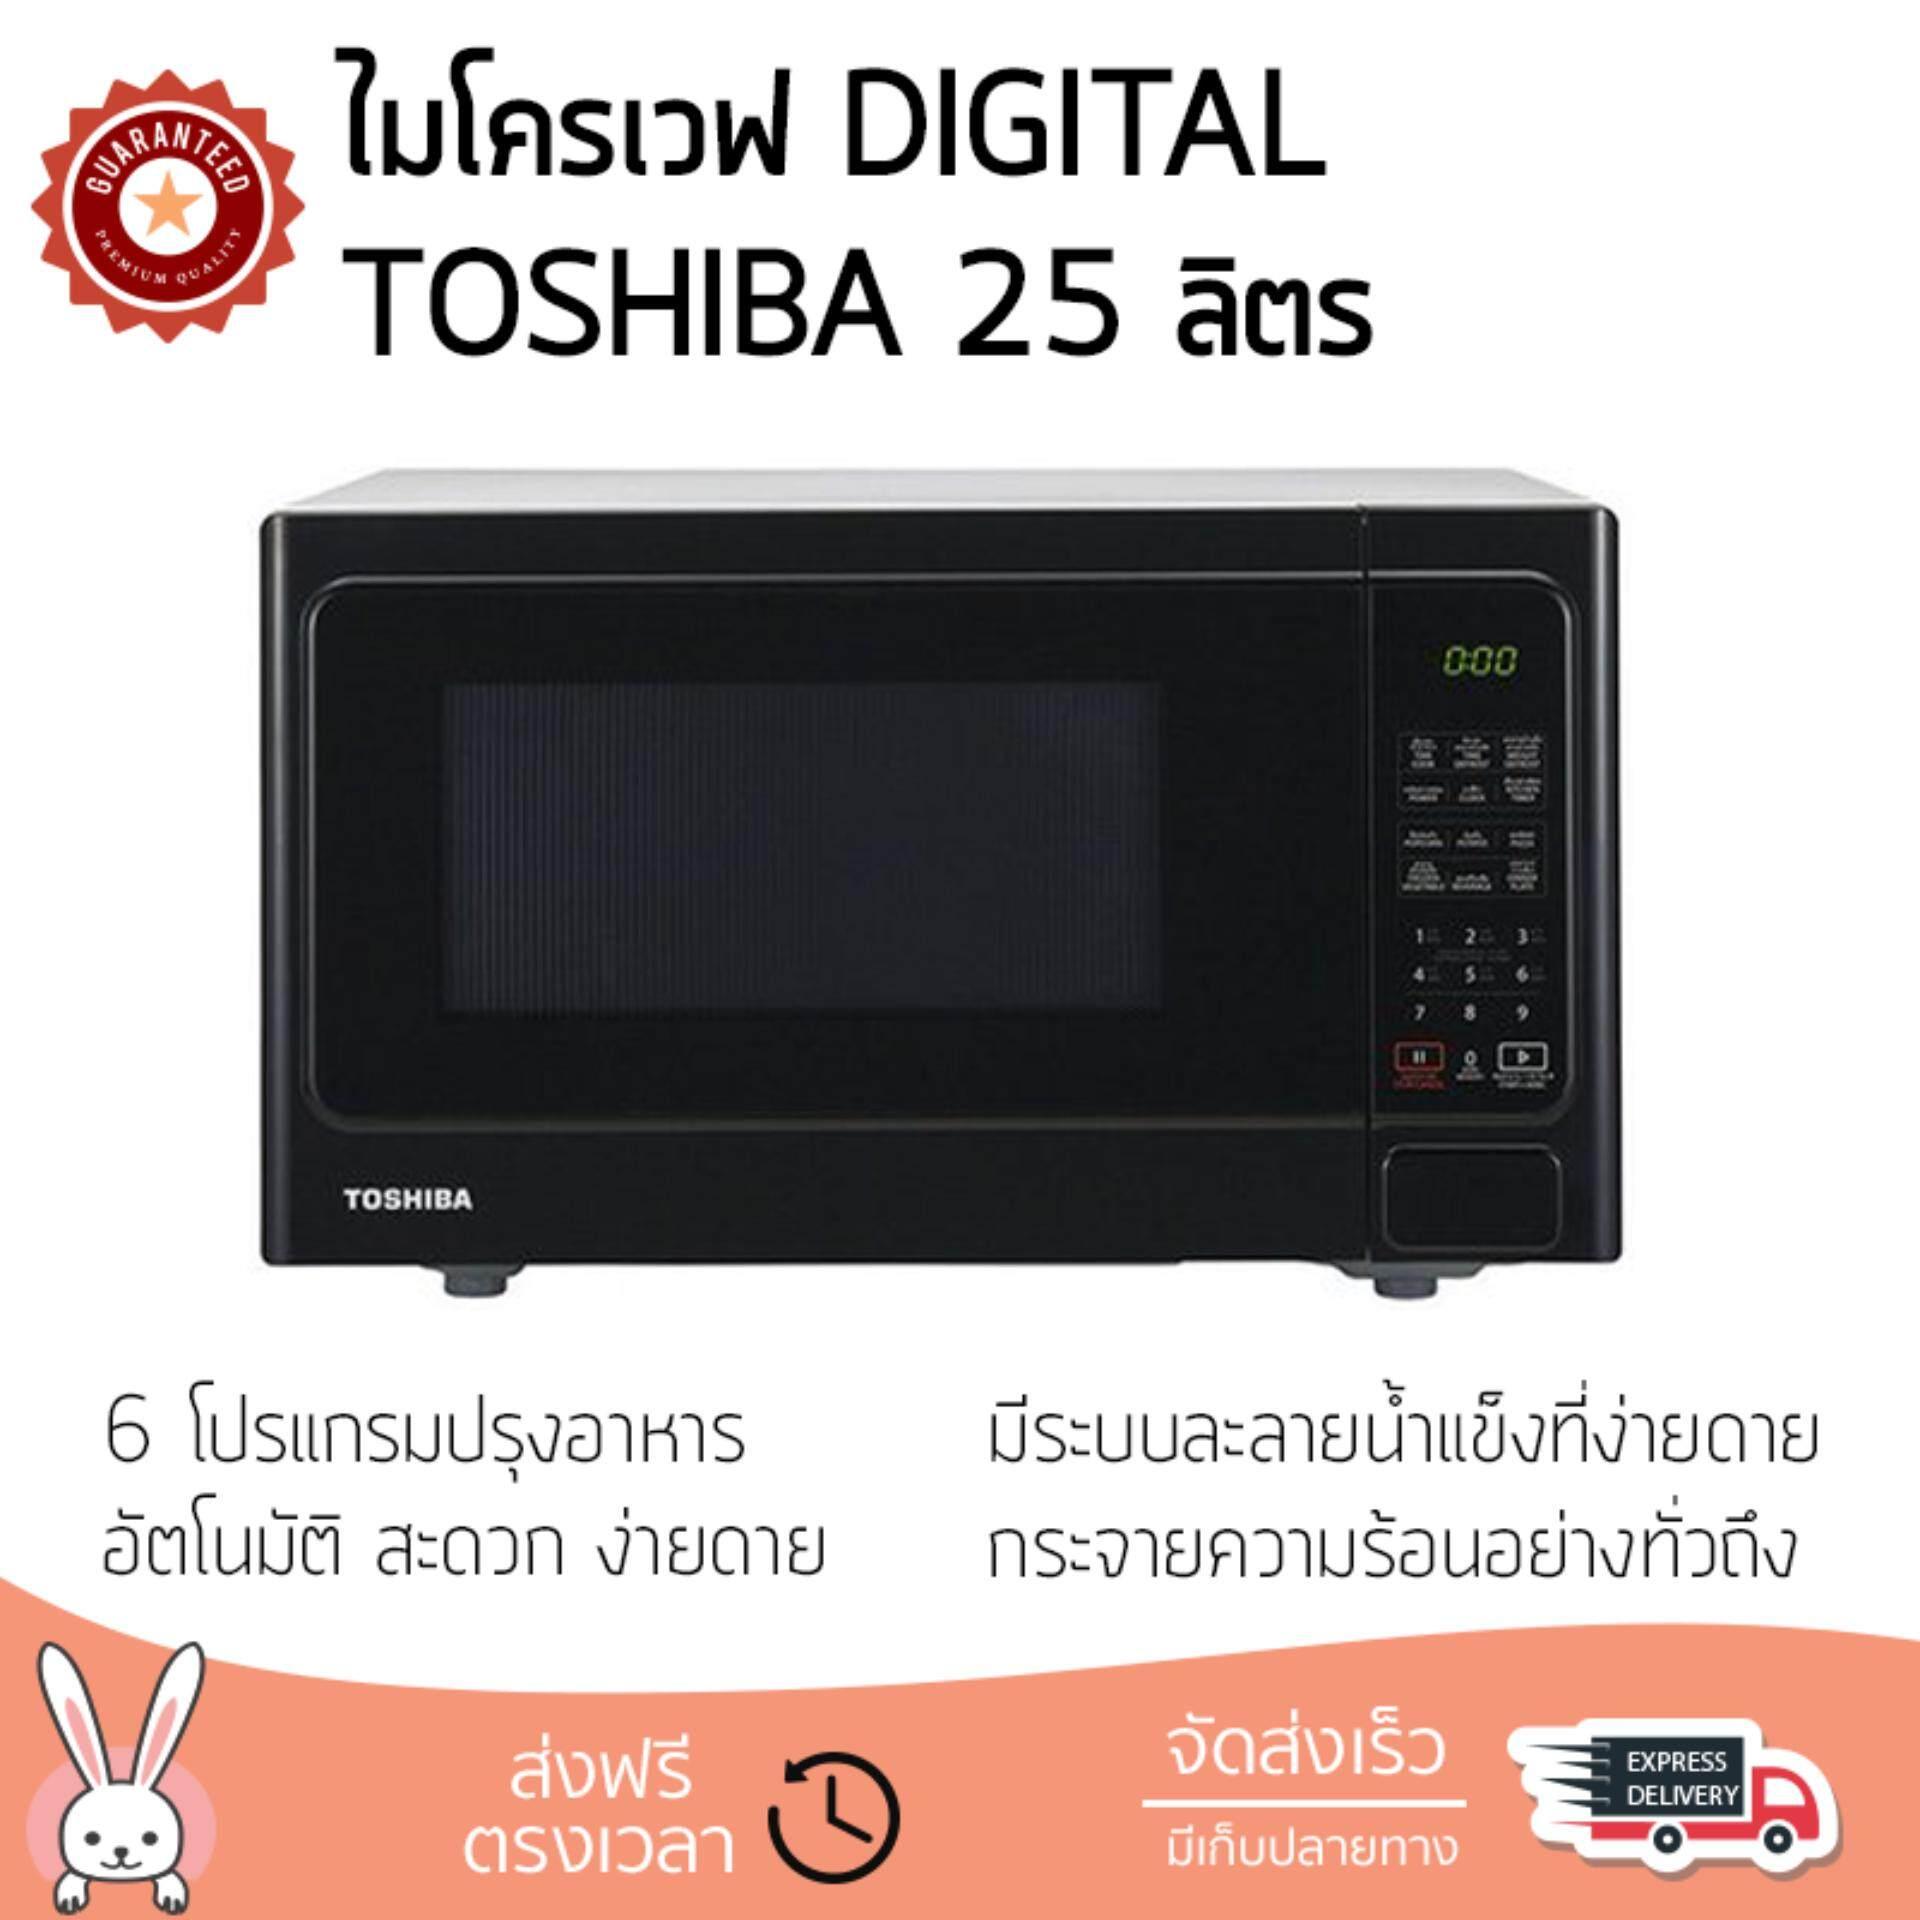 รุ่นใหม่ล่าสุด ไมโครเวฟ เตาอบไมโครเวฟ ไมโครเวฟ DIGITAL TOSHIBA ER-SS25(K)TH 25L   TOSHIBA   ER-SS25(K)TH ปรับระดับความร้อนได้หลายระดับ  มีฟังก์ชันละลายน้ำแข็ง ใช้งานง่าย Microwave จัดส่งฟรีทั่วประเทศ